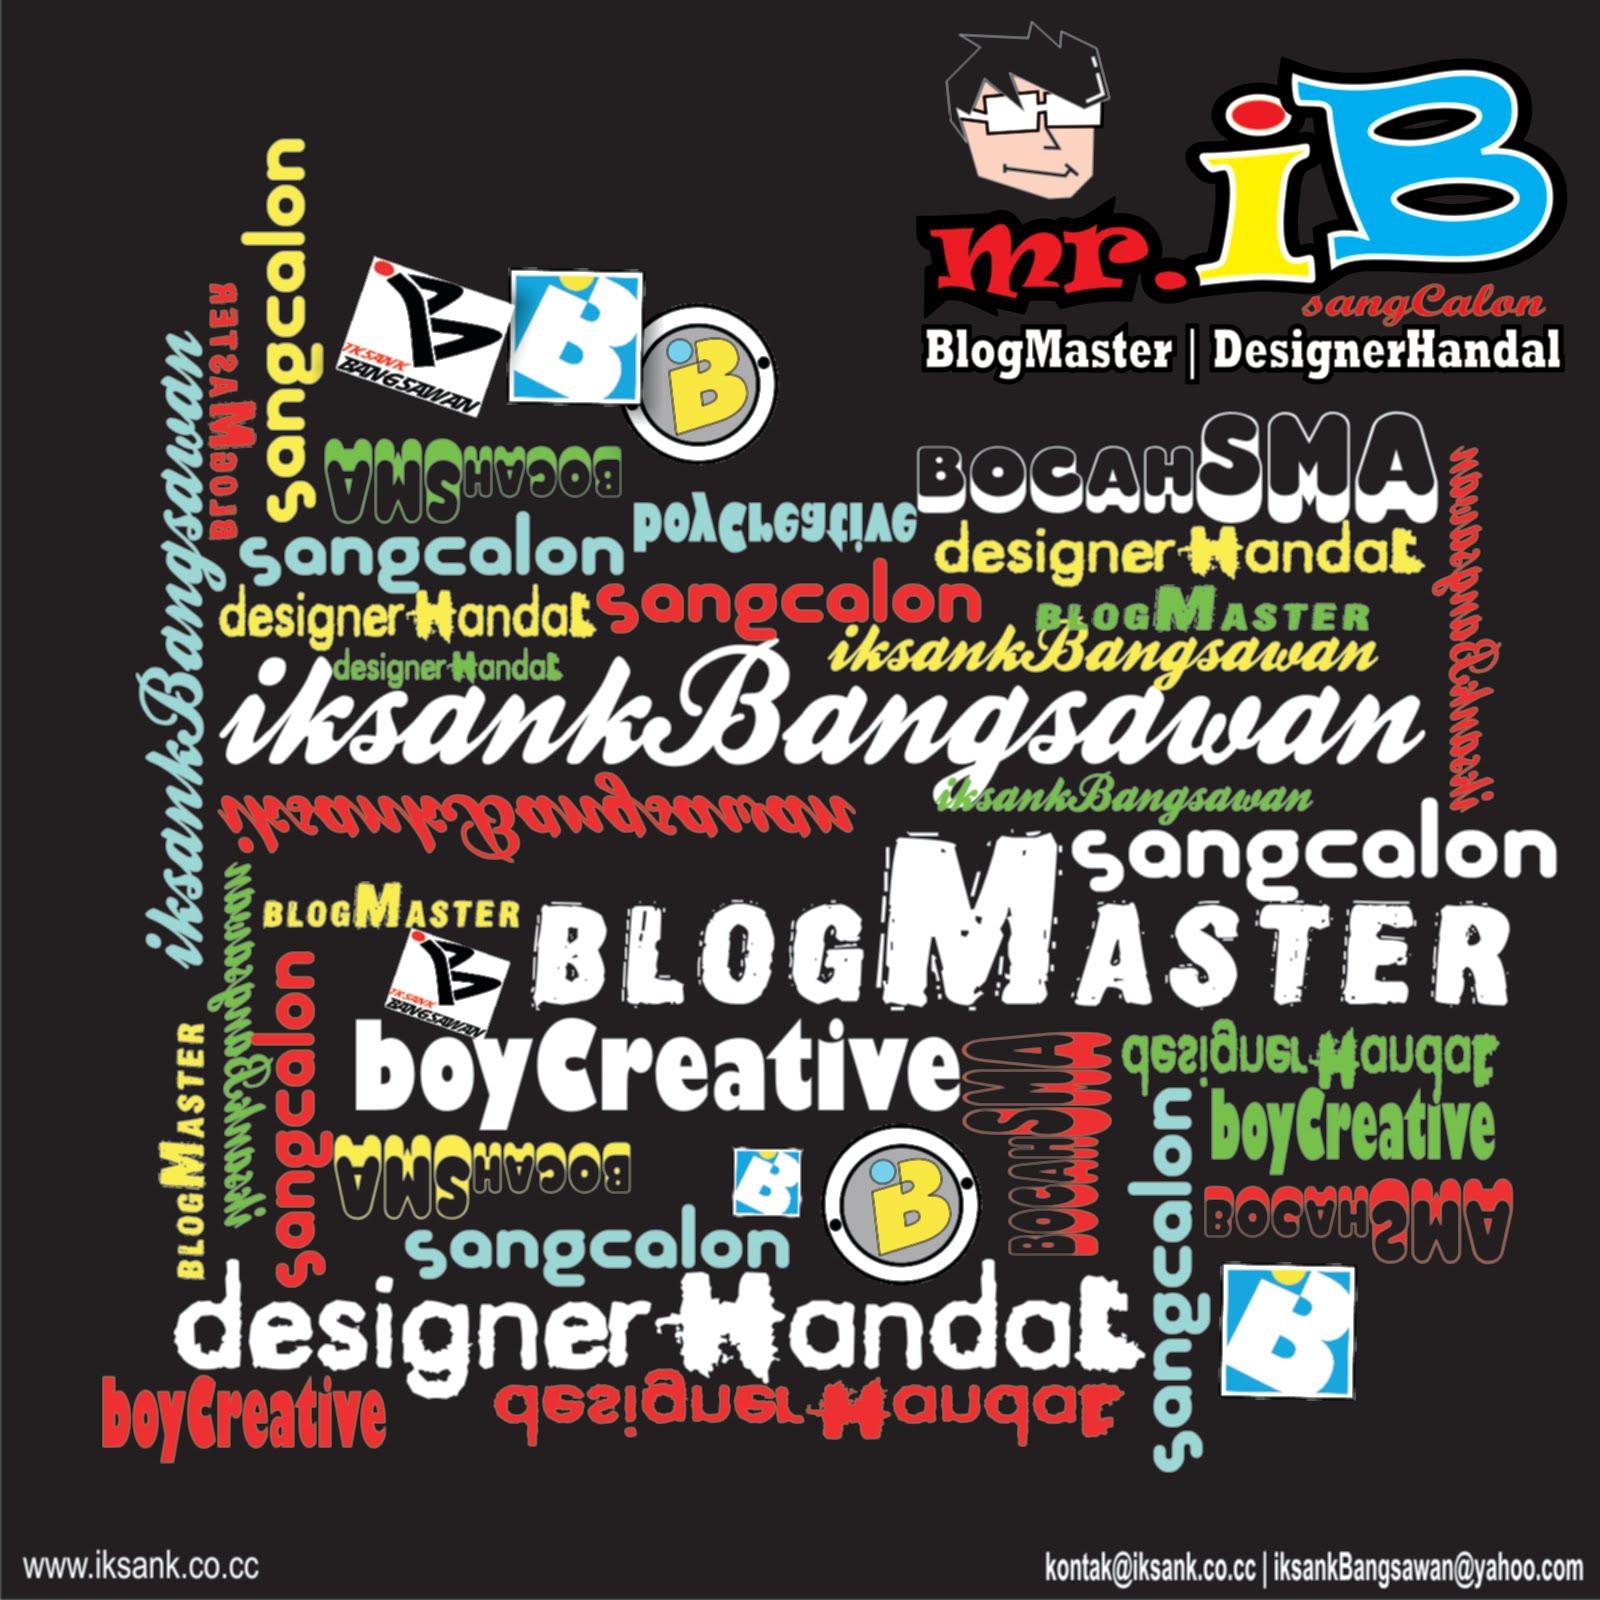 http://2.bp.blogspot.com/_EEtk3qPXm0I/TAsRZGMQR4I/AAAAAAAAAyY/K94260ygBds/s1600/DESIGN+FINIL.JPG